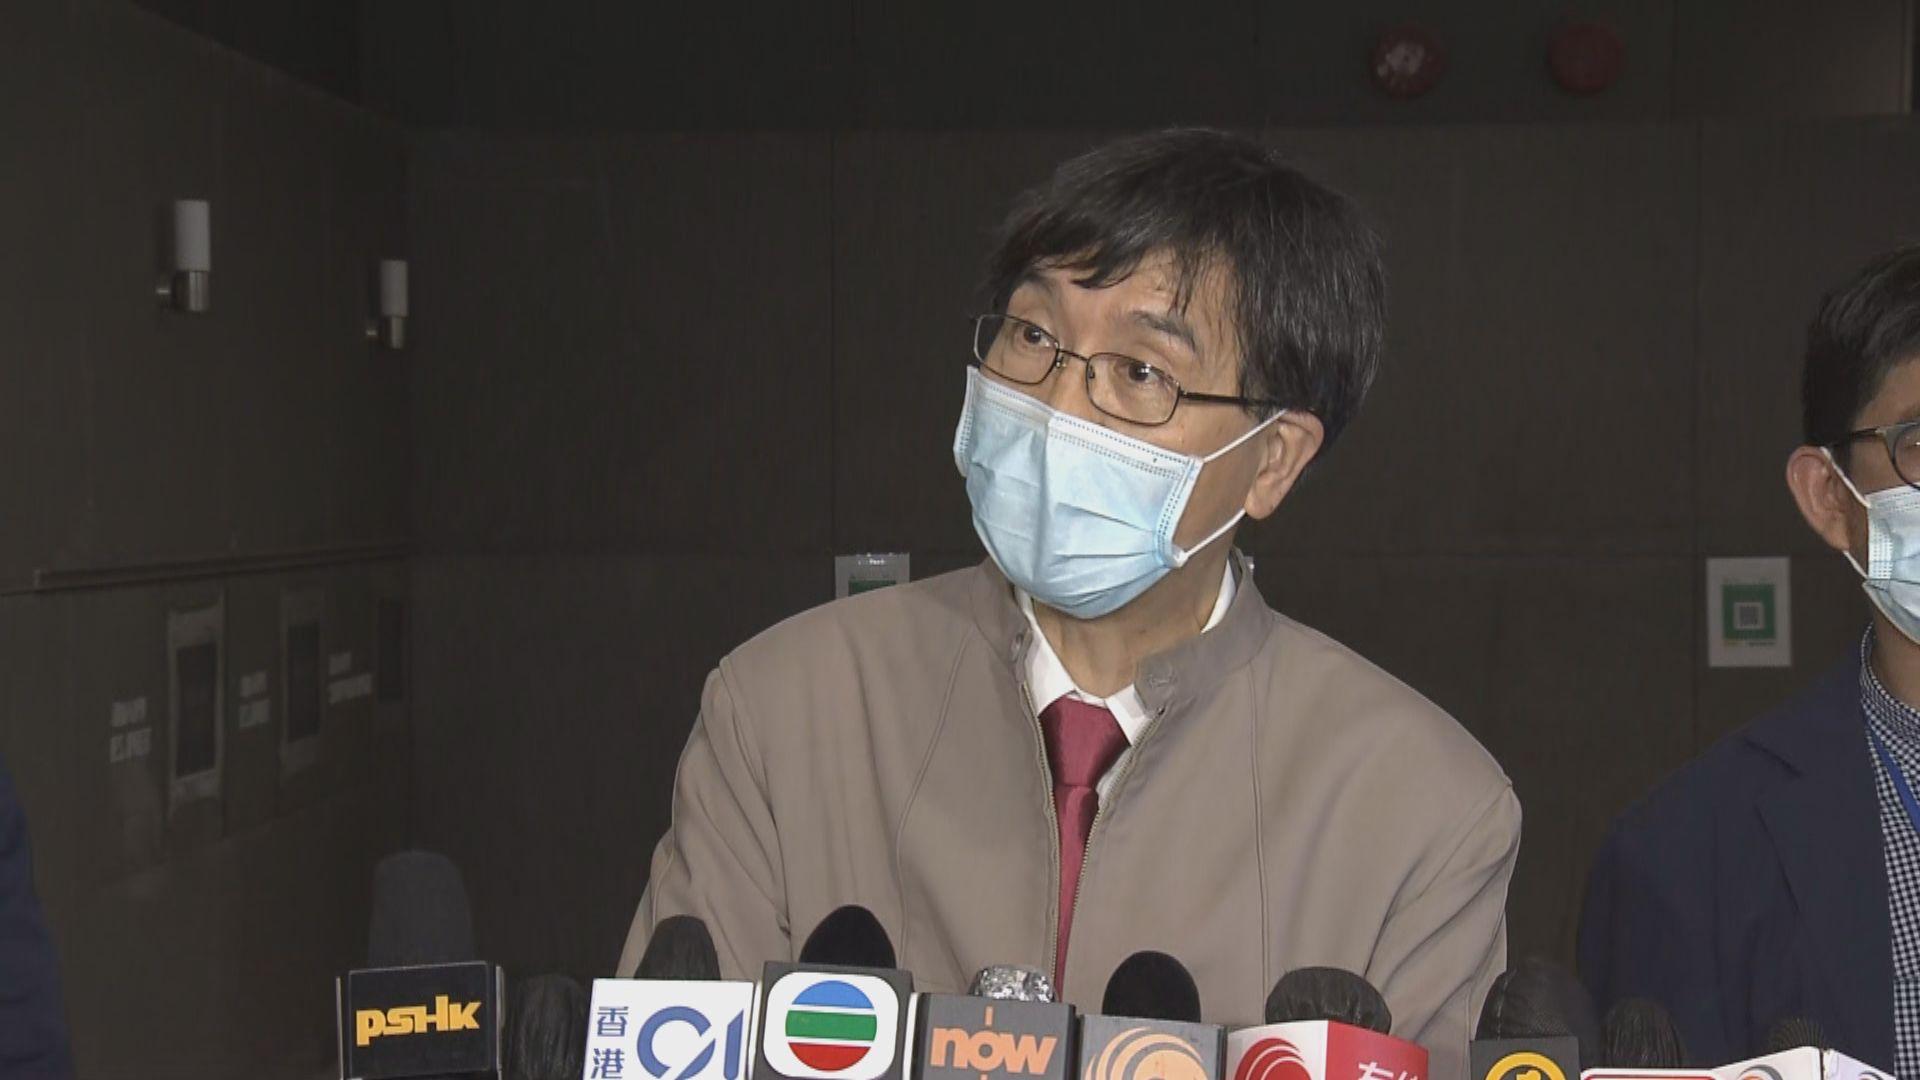 袁國勇:確診4歲男童懷疑1月已感染 或受病毒干擾